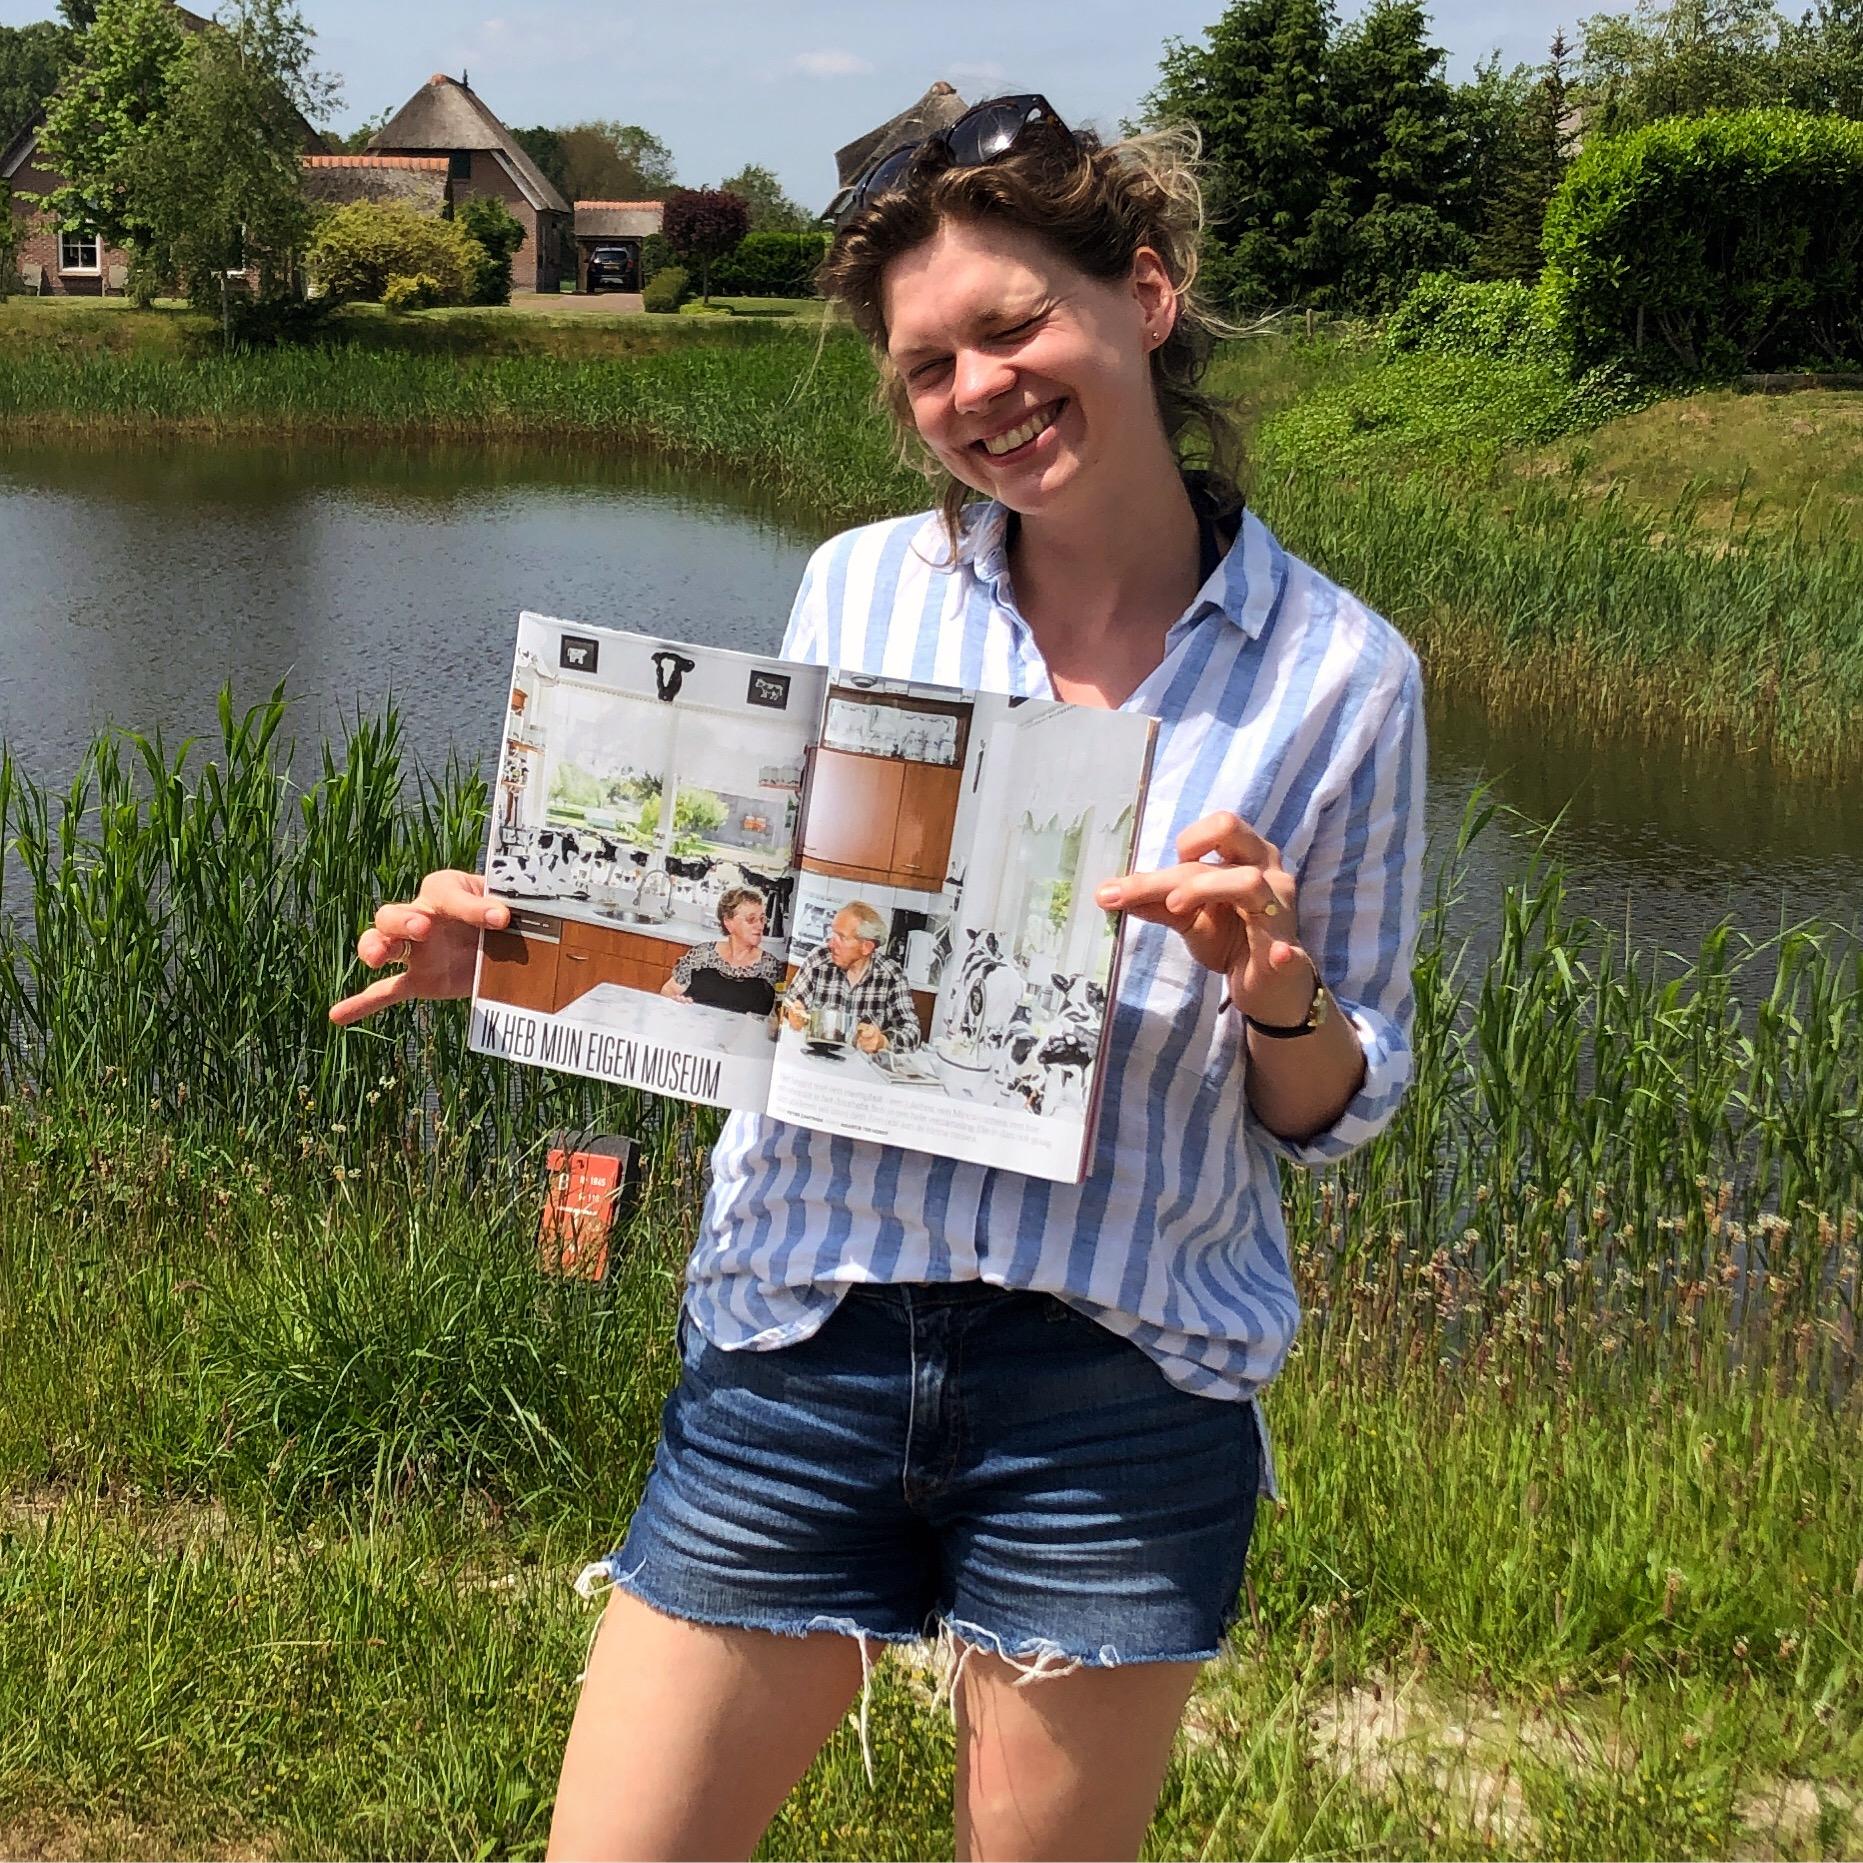 Twaalf pagina's in Het Blad bij NRC!